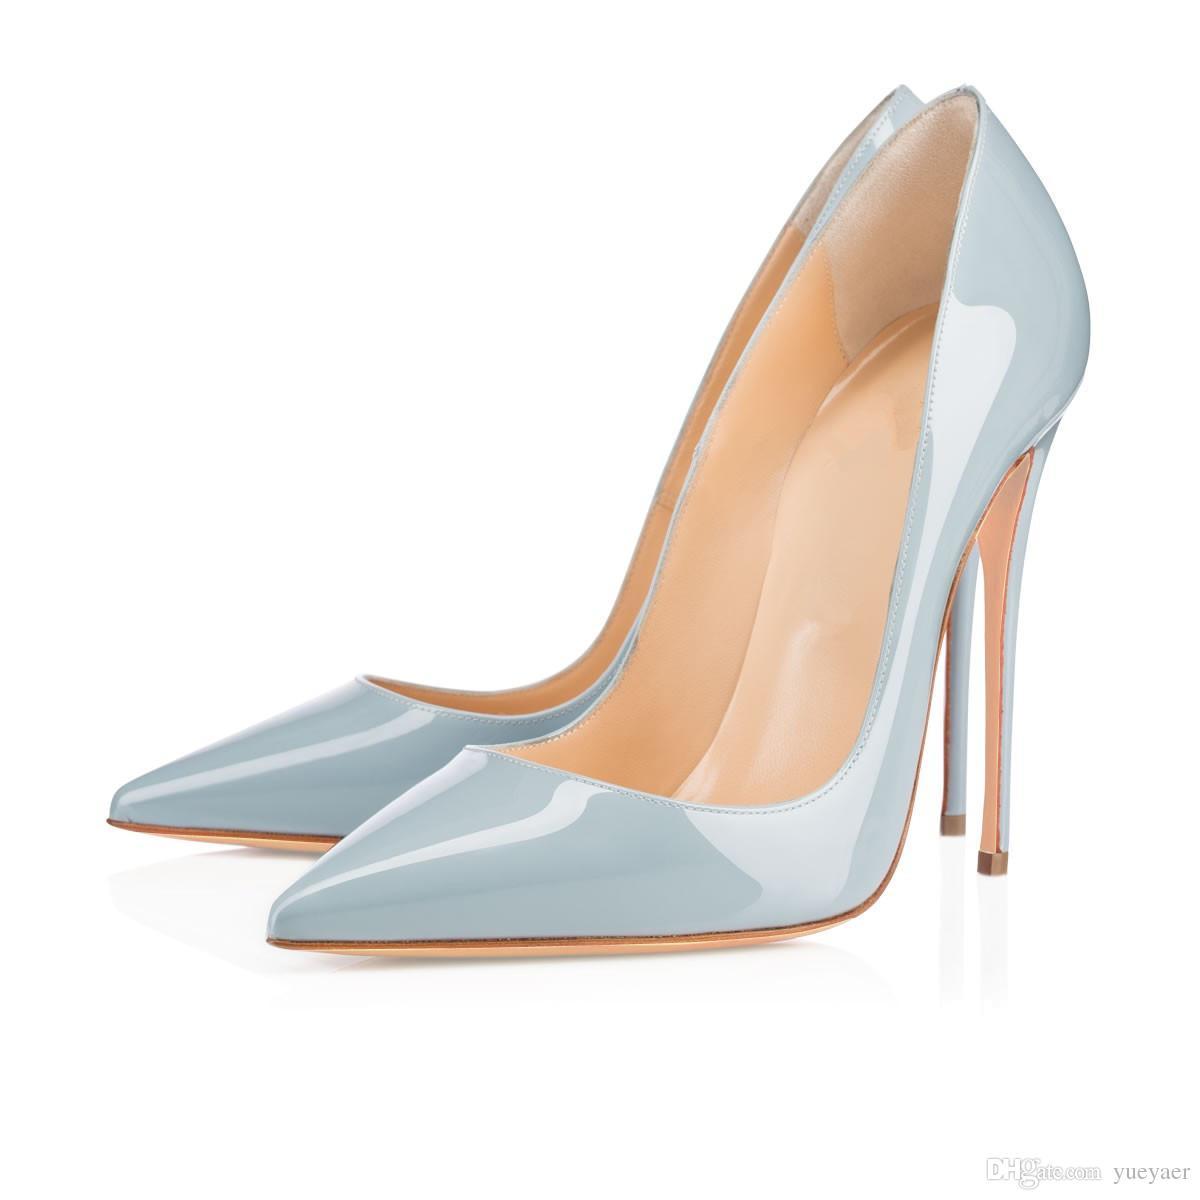 Zandina Bayanlar El Yapımı Moda ASO-kate 120mm Sivri Burun Klasik Parti Ince Topuk Pompaları Stiletto Ayakkabı Açık mavi